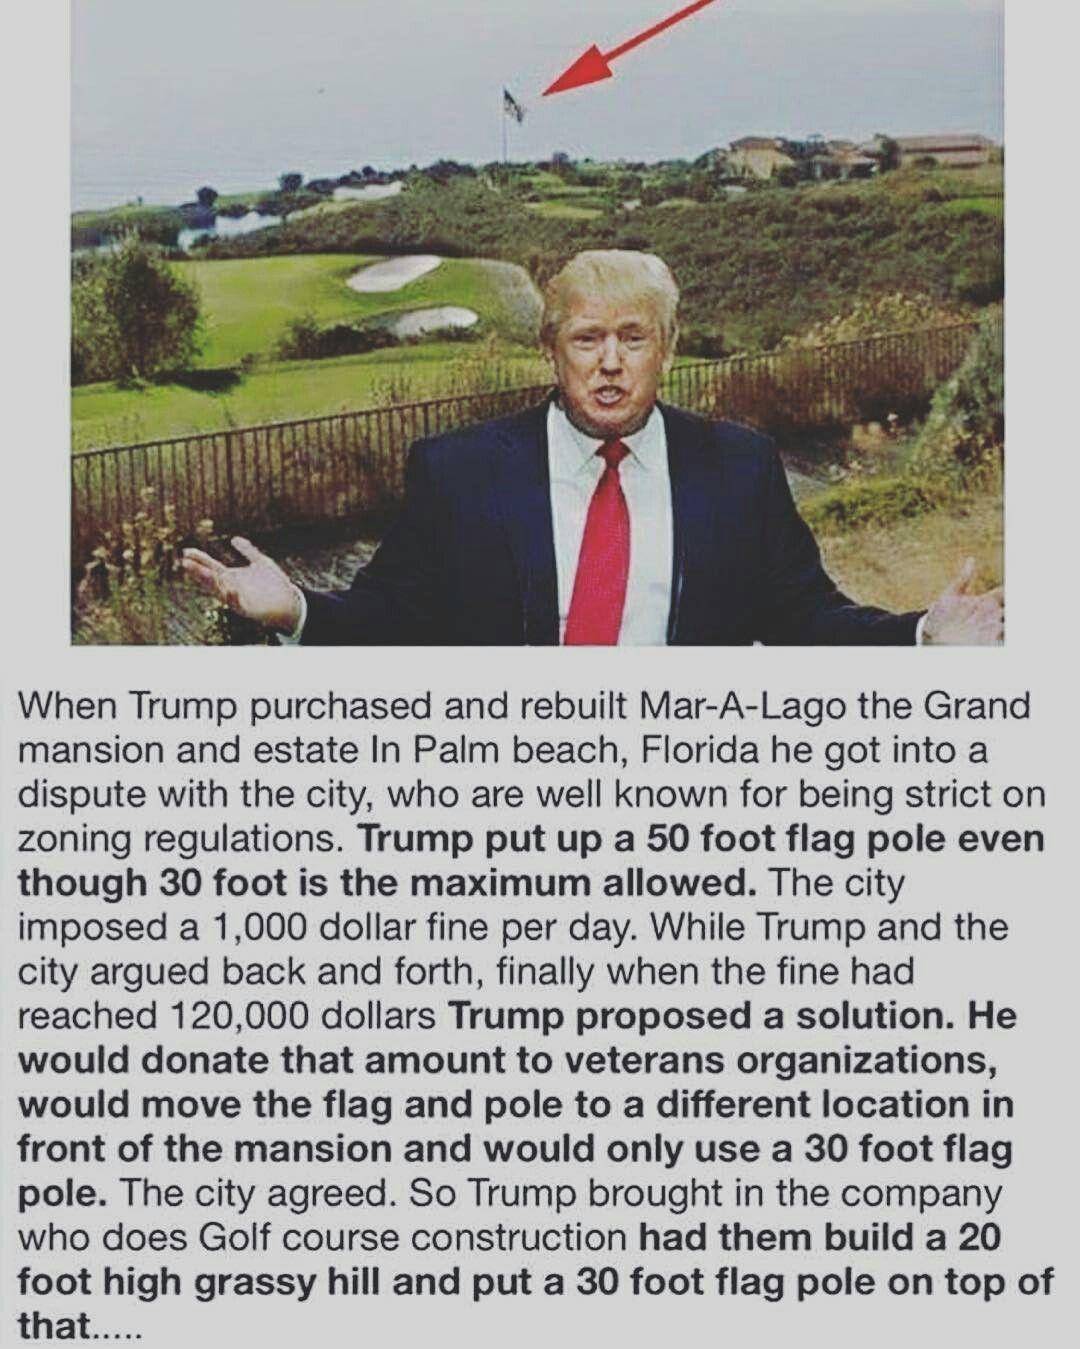 000 Hahaha… and the American Flag still flies 50 ft high. Go